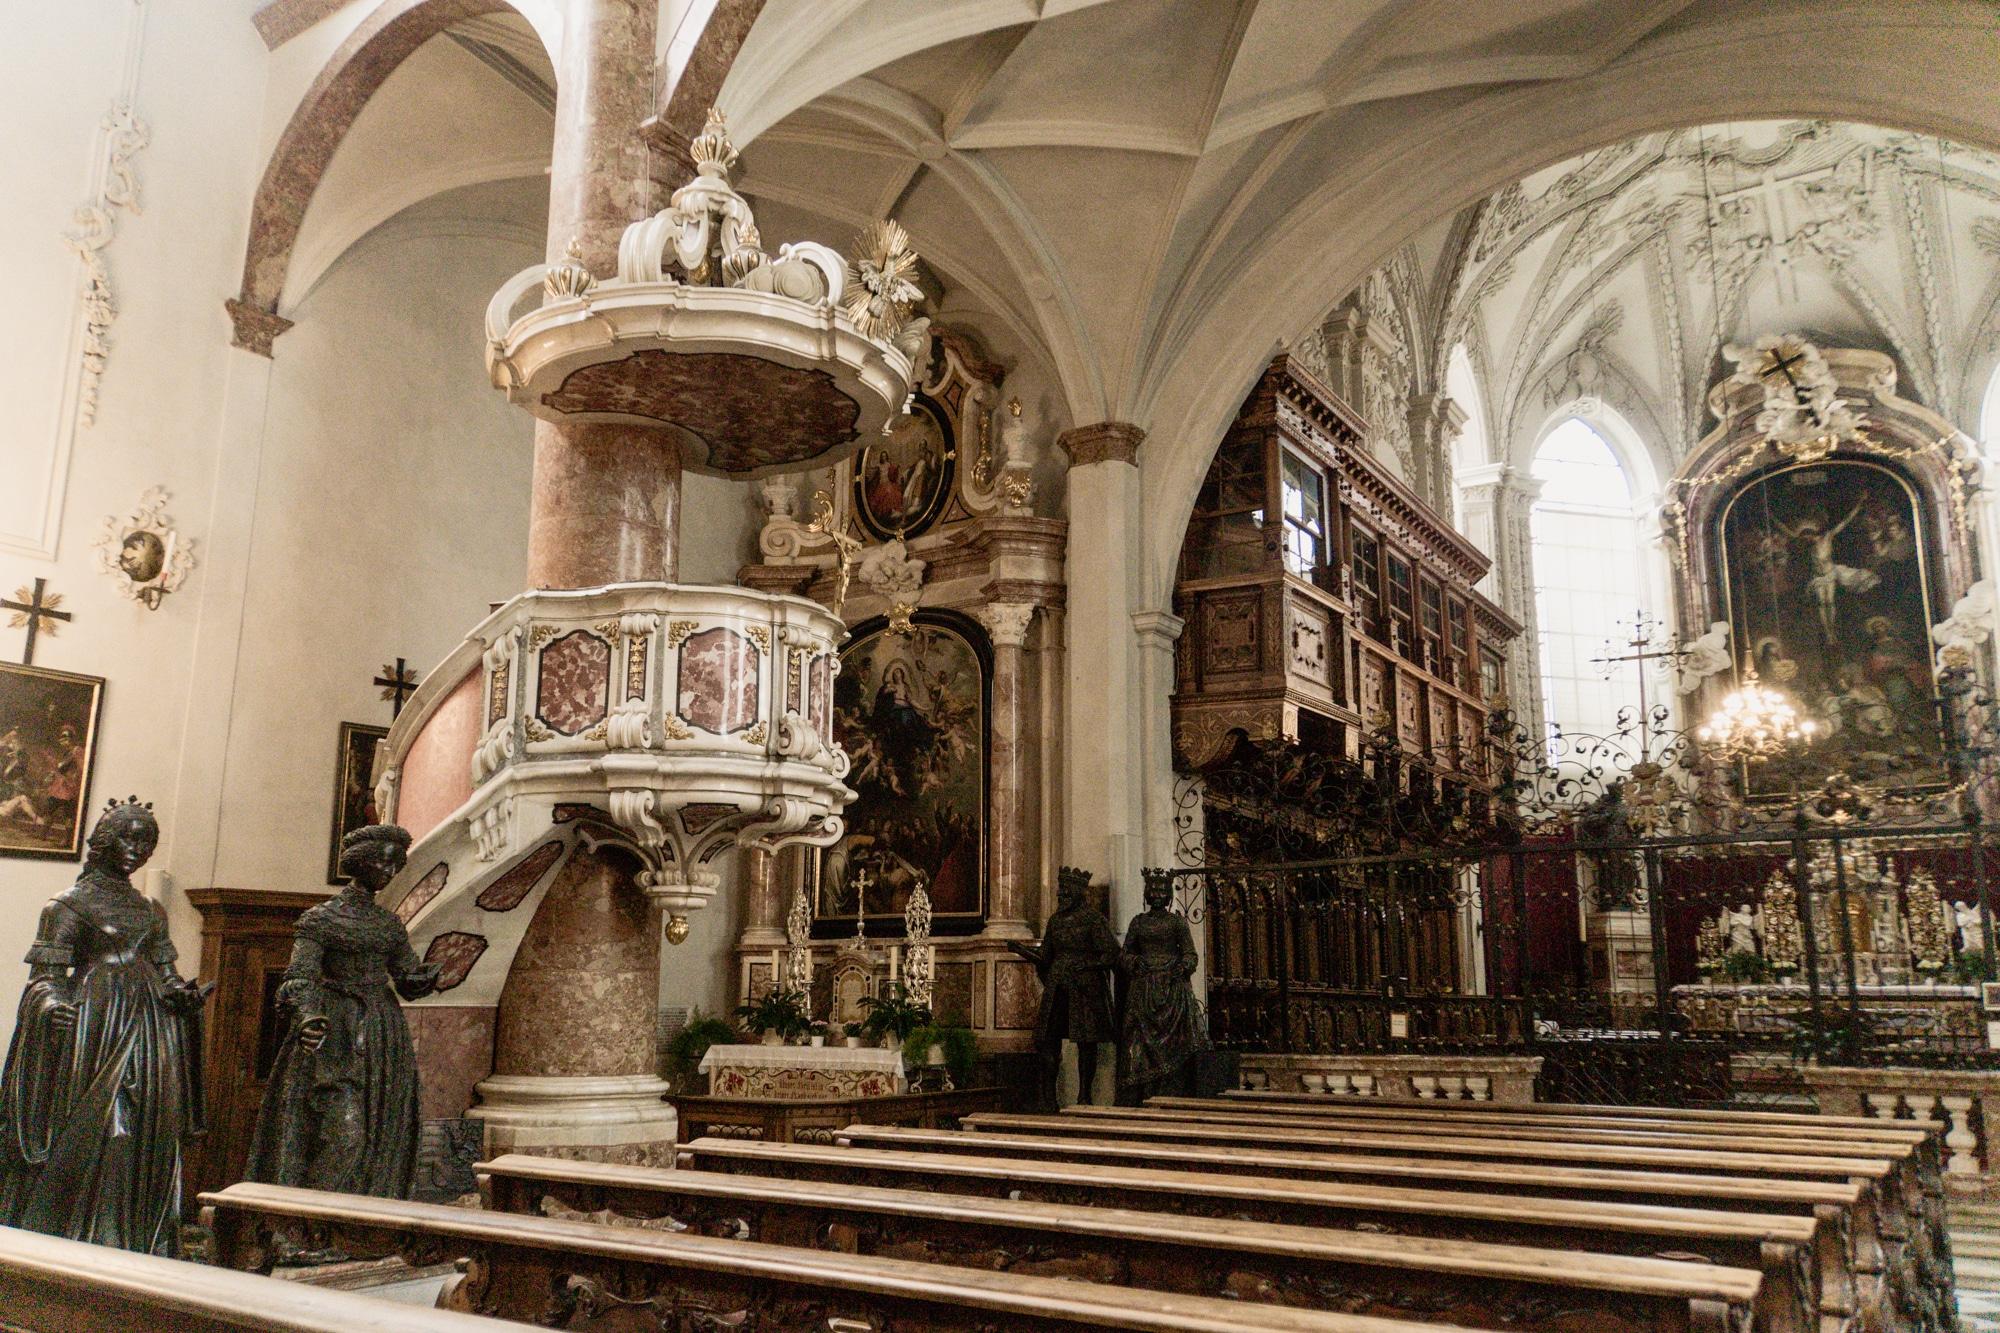 Innsbruck Sehenswürdigkeiten: Top Ten Highlights und Tipps für die Stadt - Hofkirche